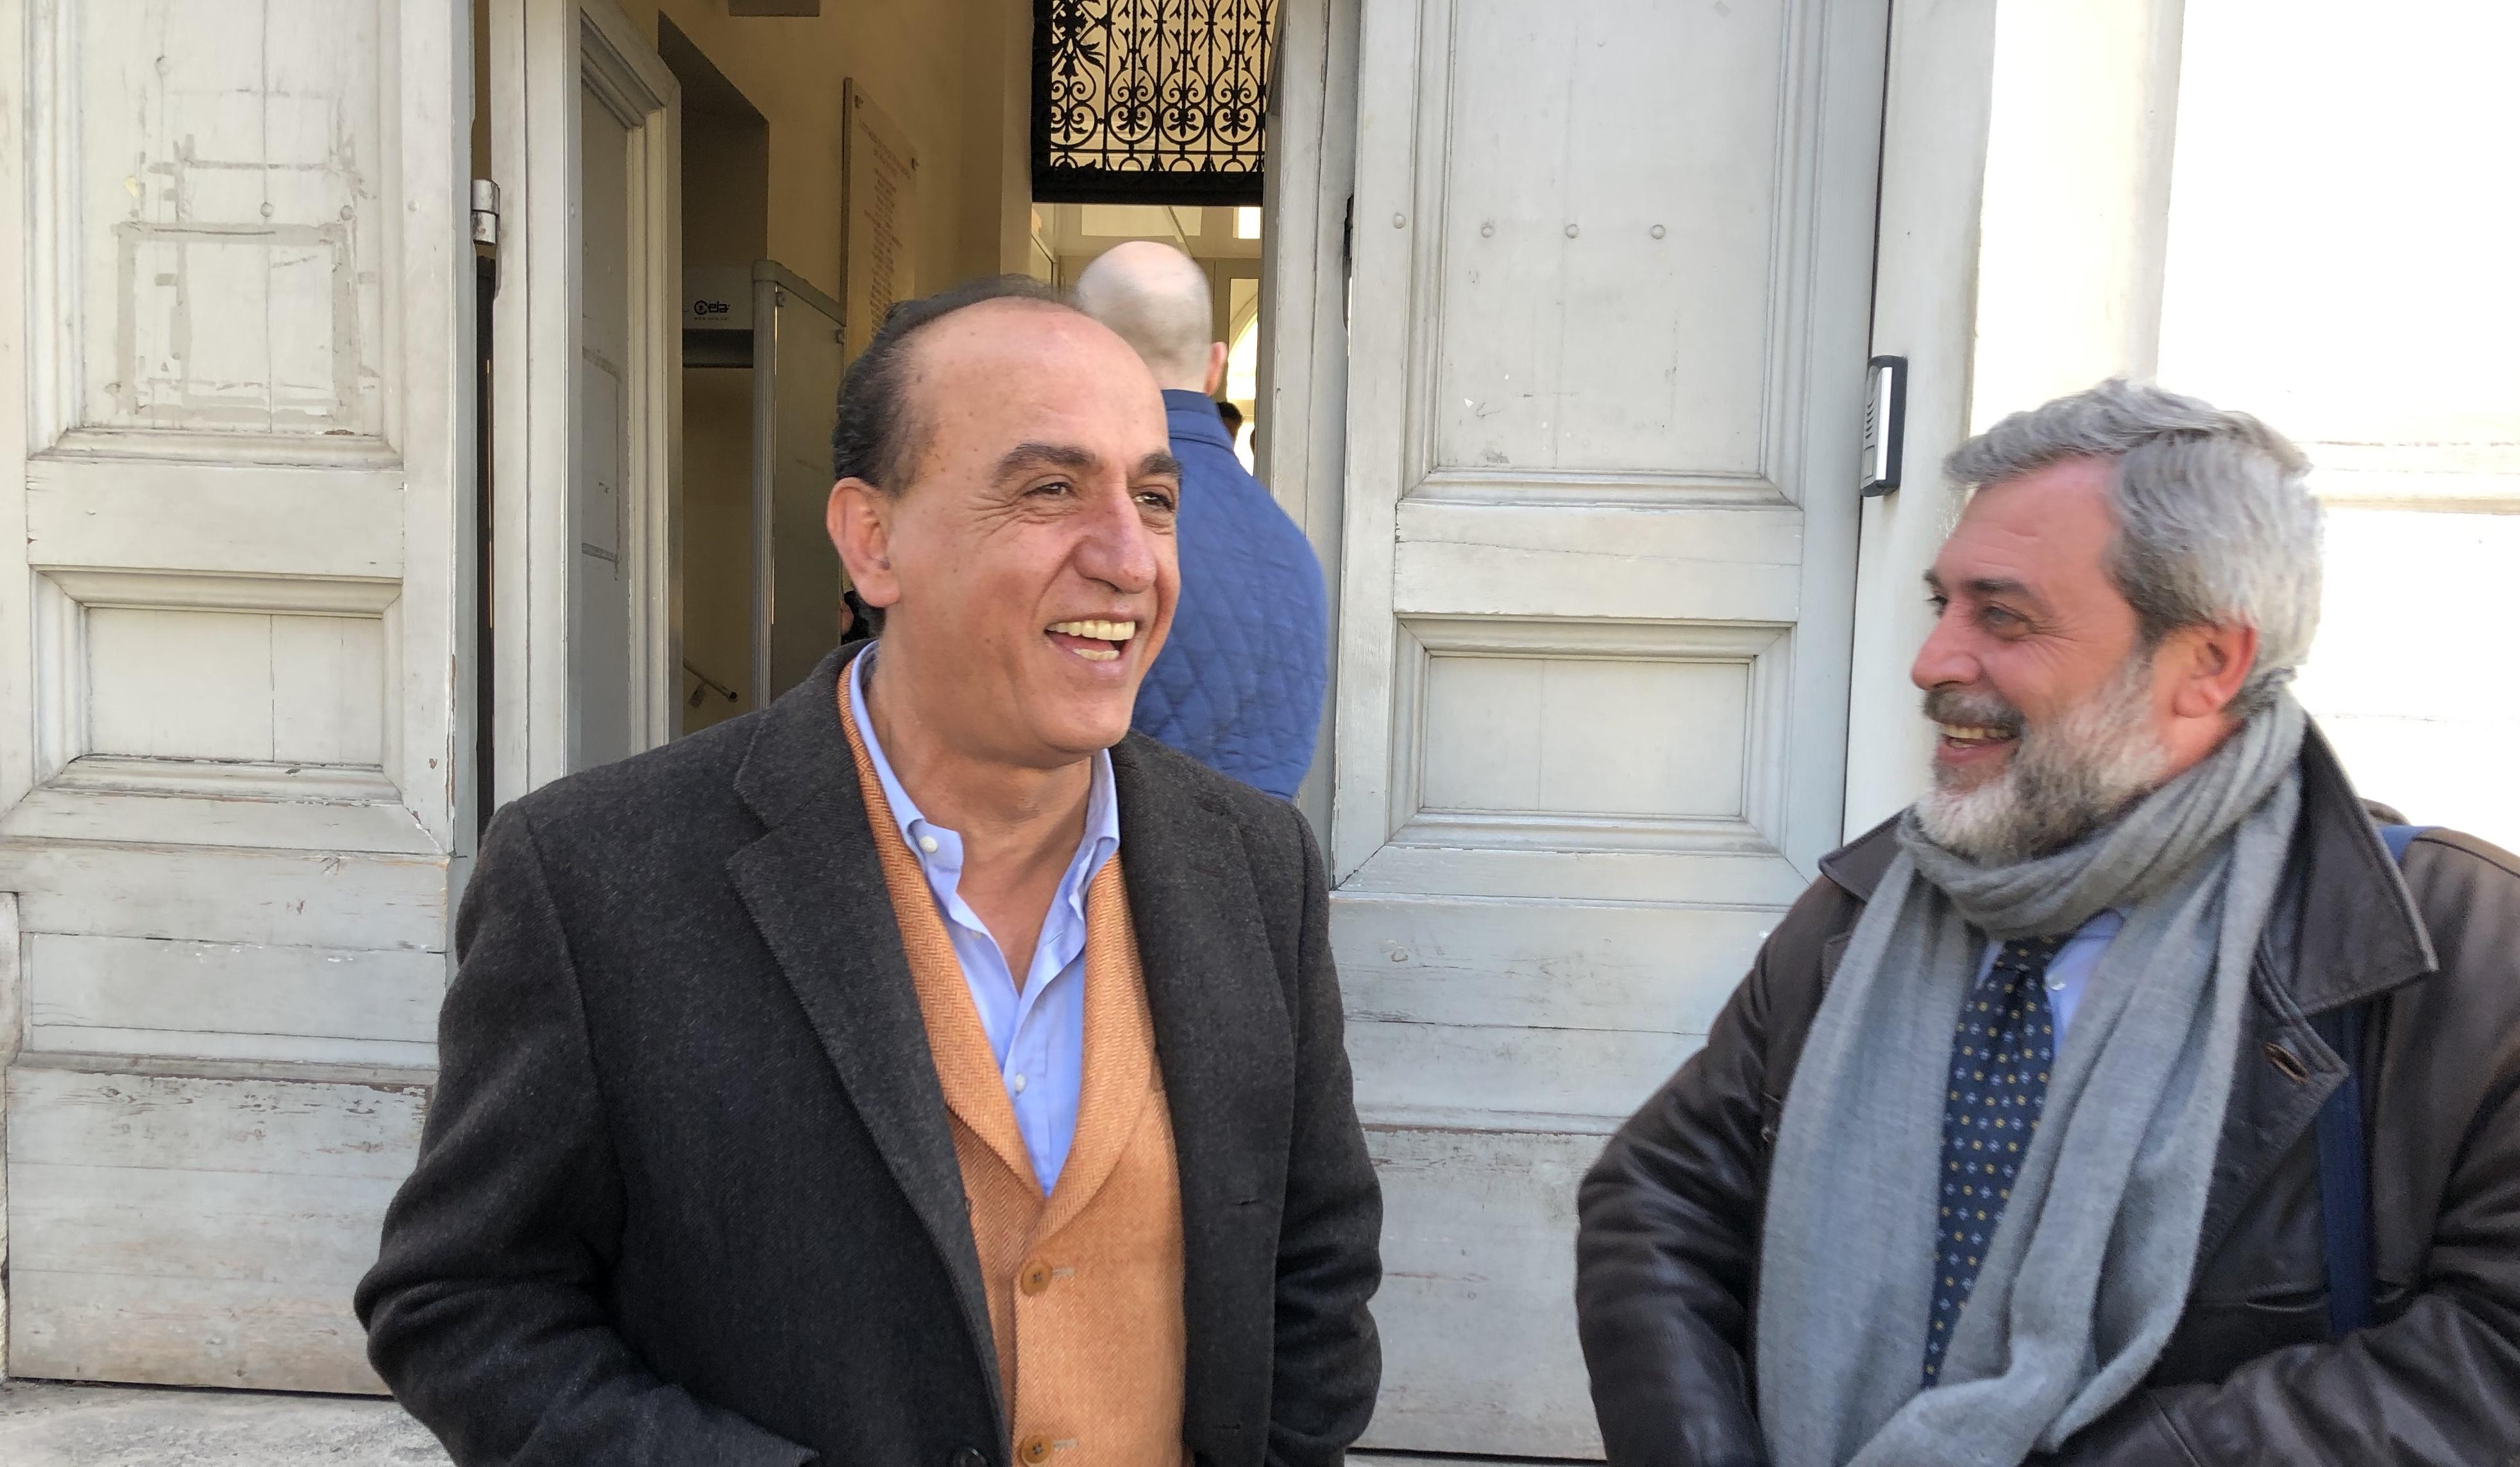 """Guidonia, processo Rubeis. Carusi: """"Aiutava tutti"""". E Di Silvio: consigliai l'accusatore di andare in Procura"""